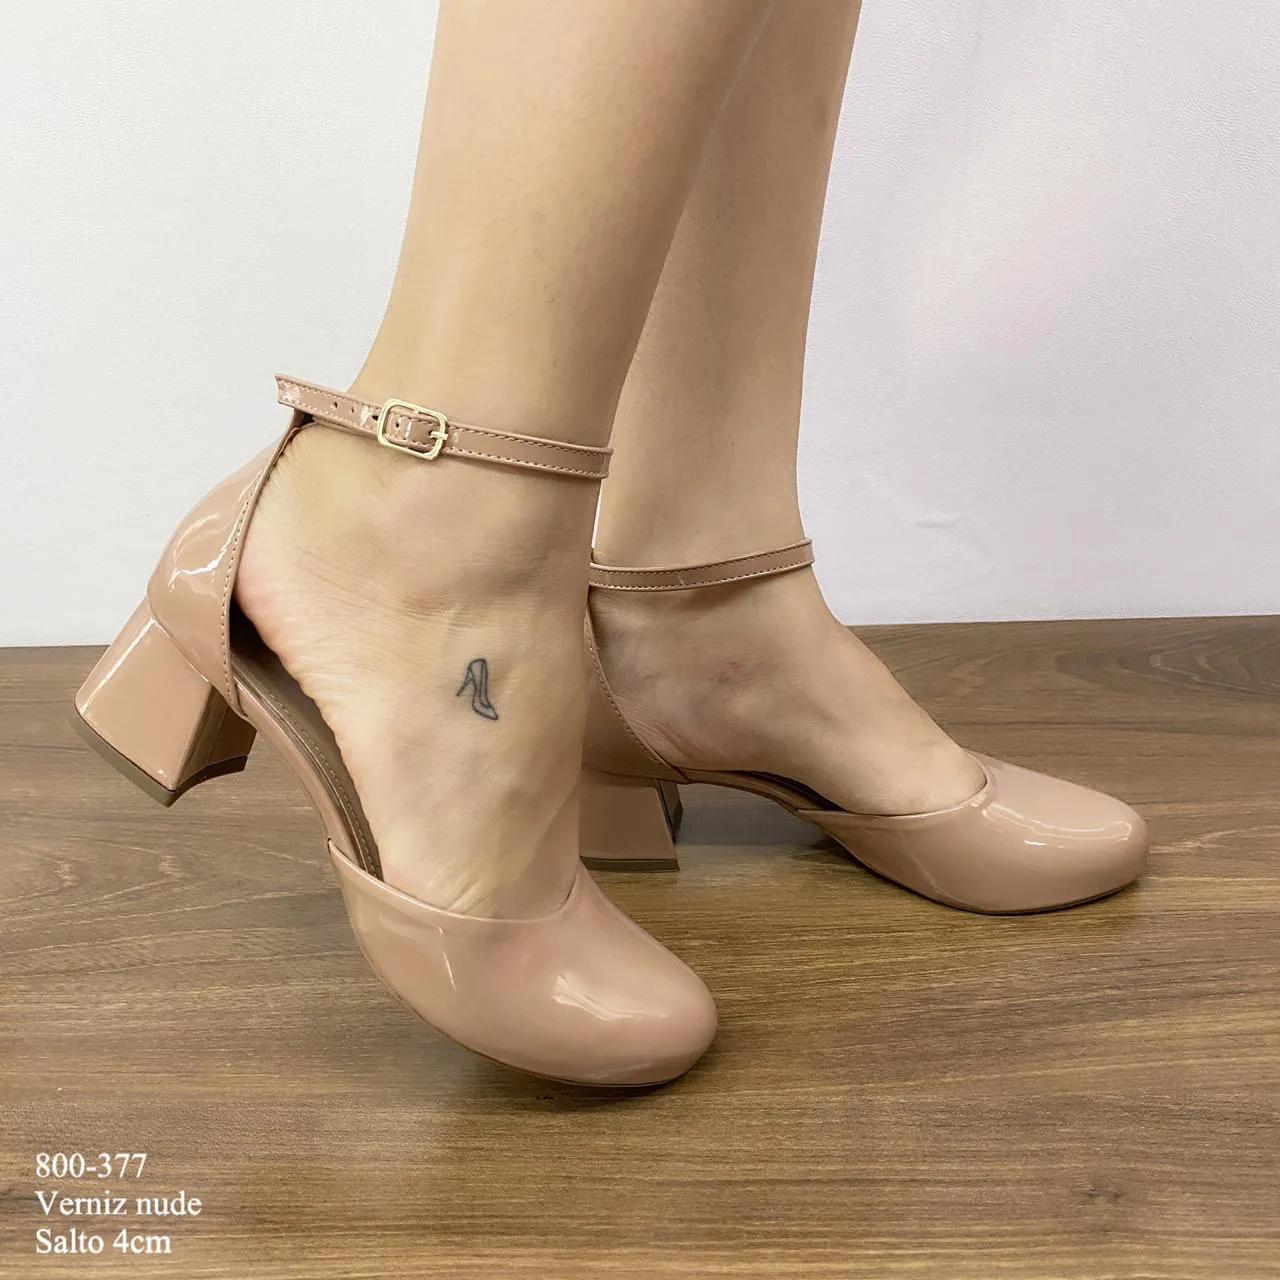 Sandália Nude Verniz Salto Bloco | D-800-377